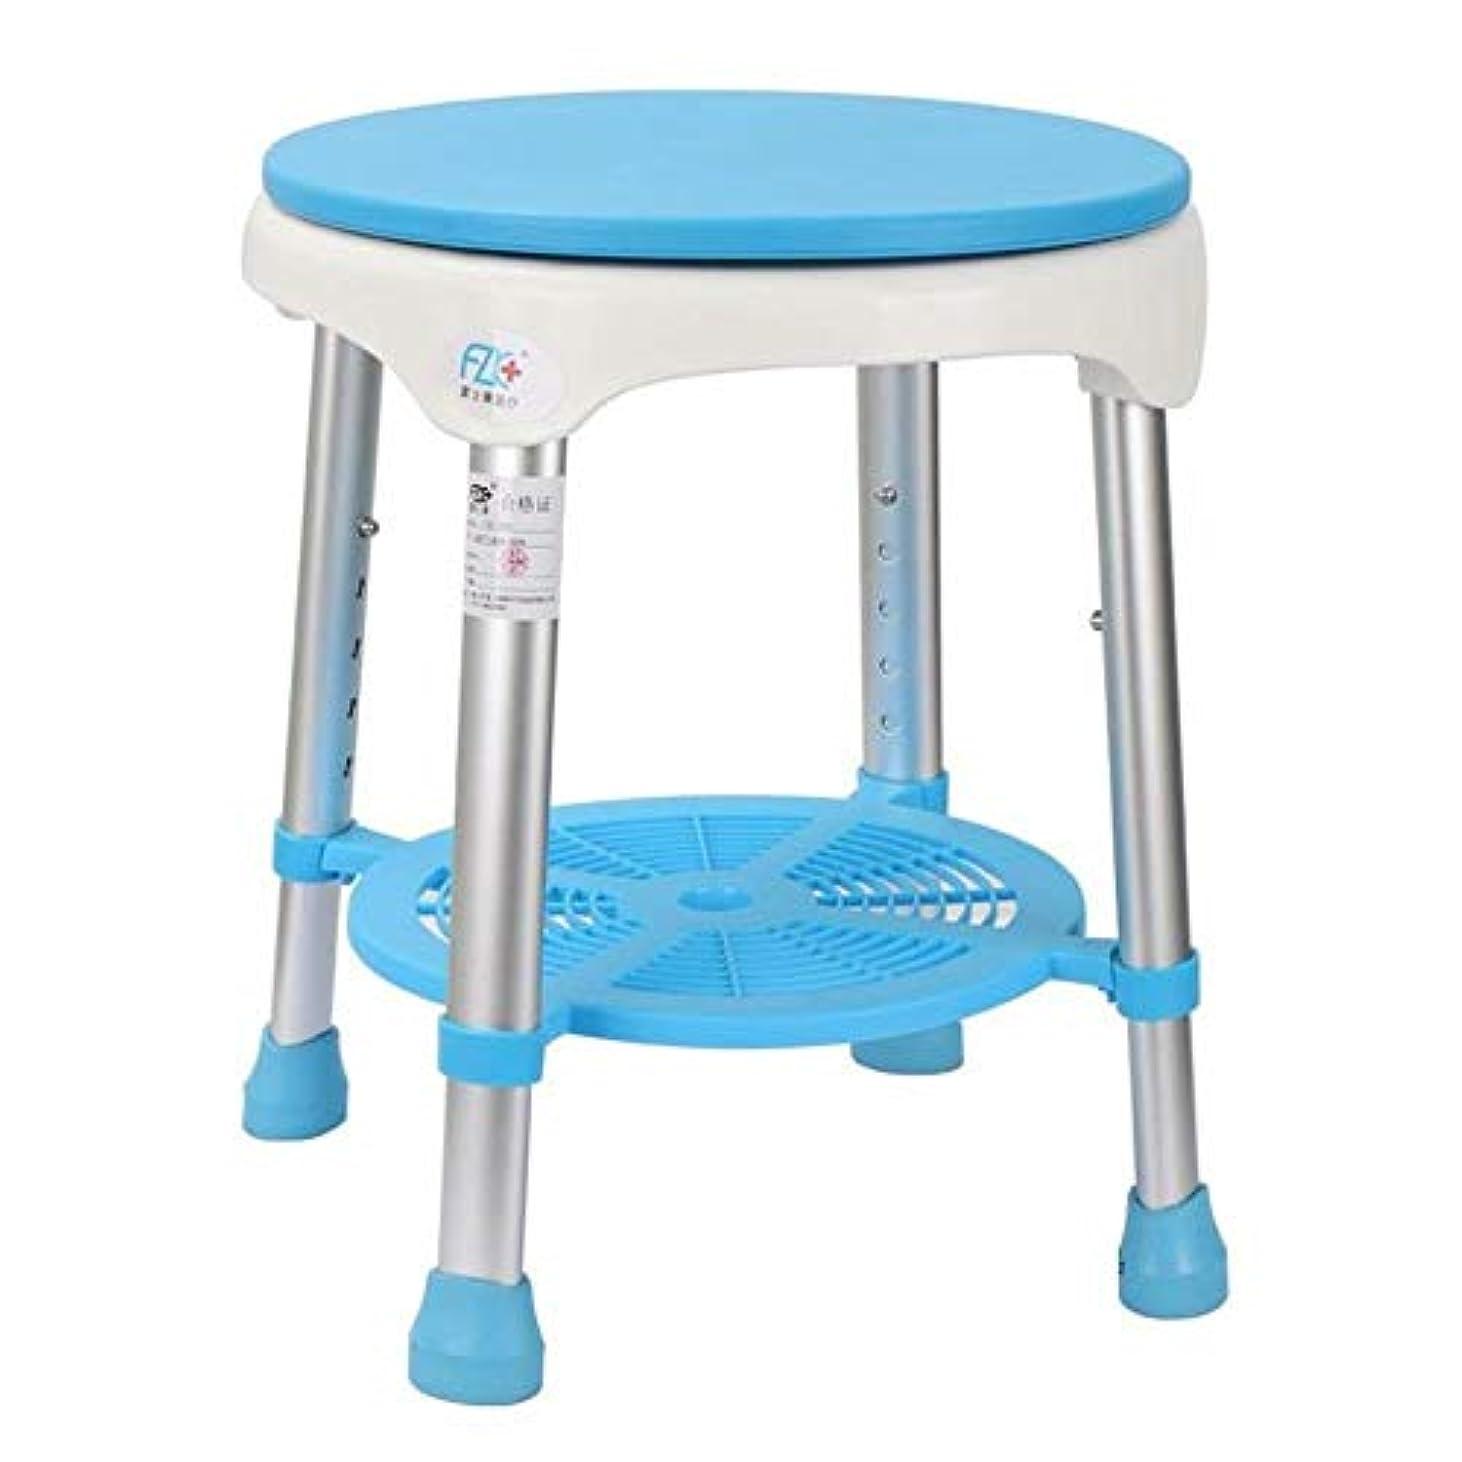 360°回転式バスチェア、アルミ合金製高齢者用バススツール、妊娠中/身体障害者用シャワーチェア